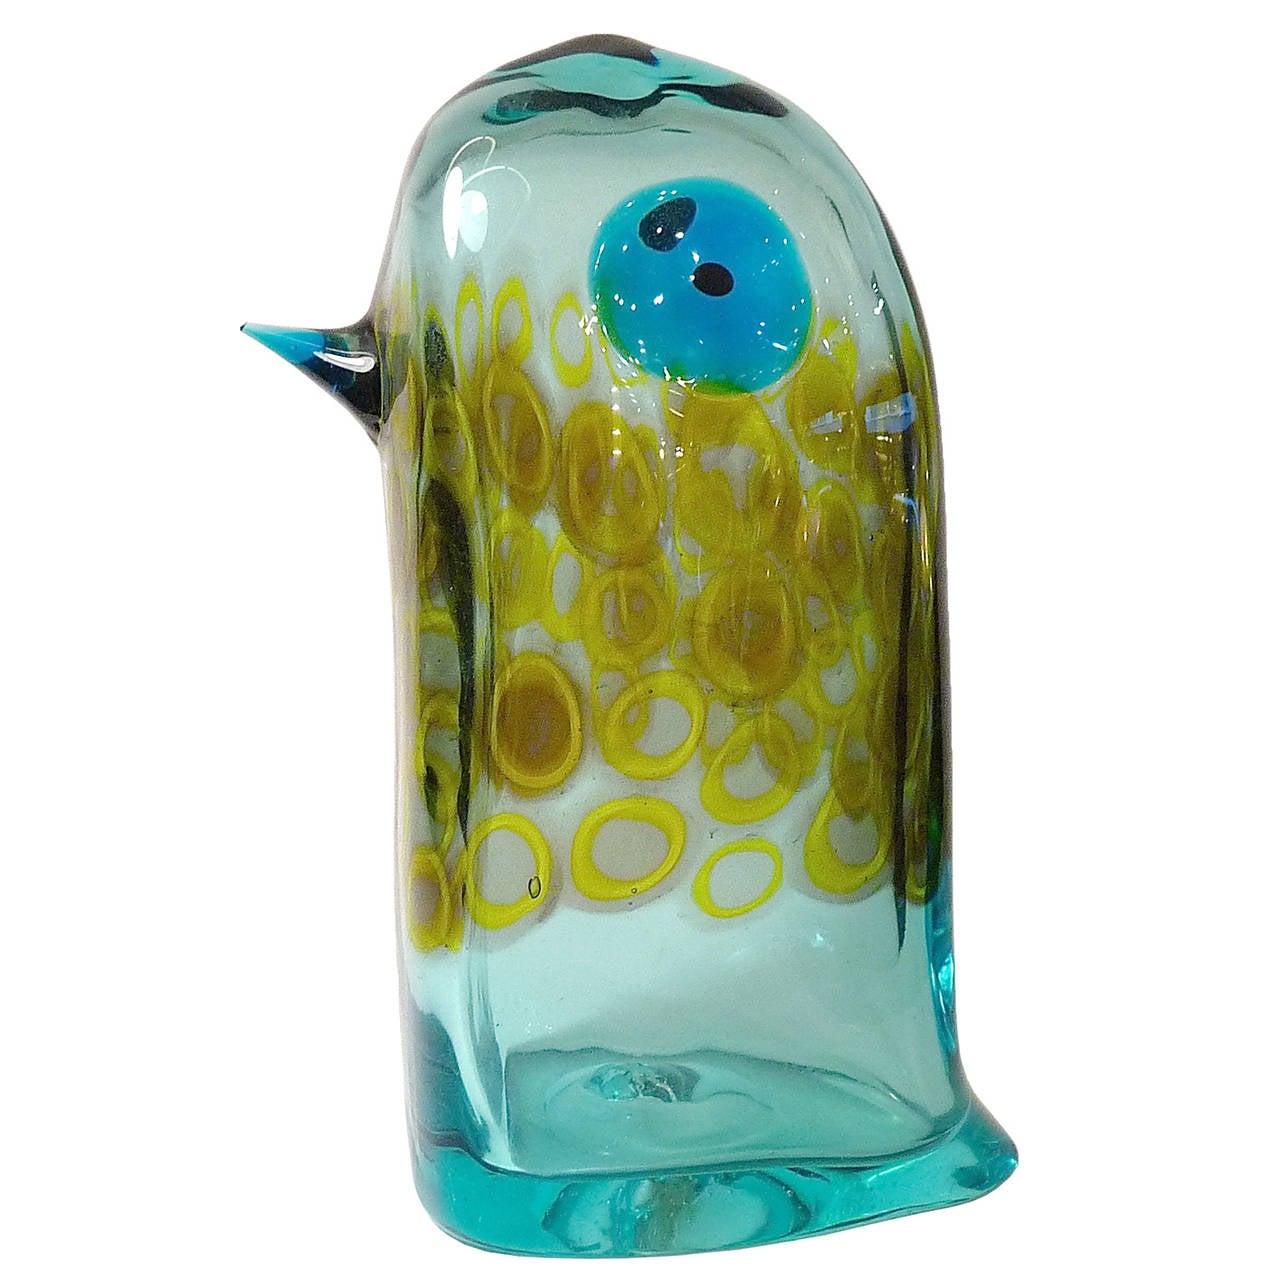 Murano Glass Pulcino by Antonio Da Ros for Cenedese